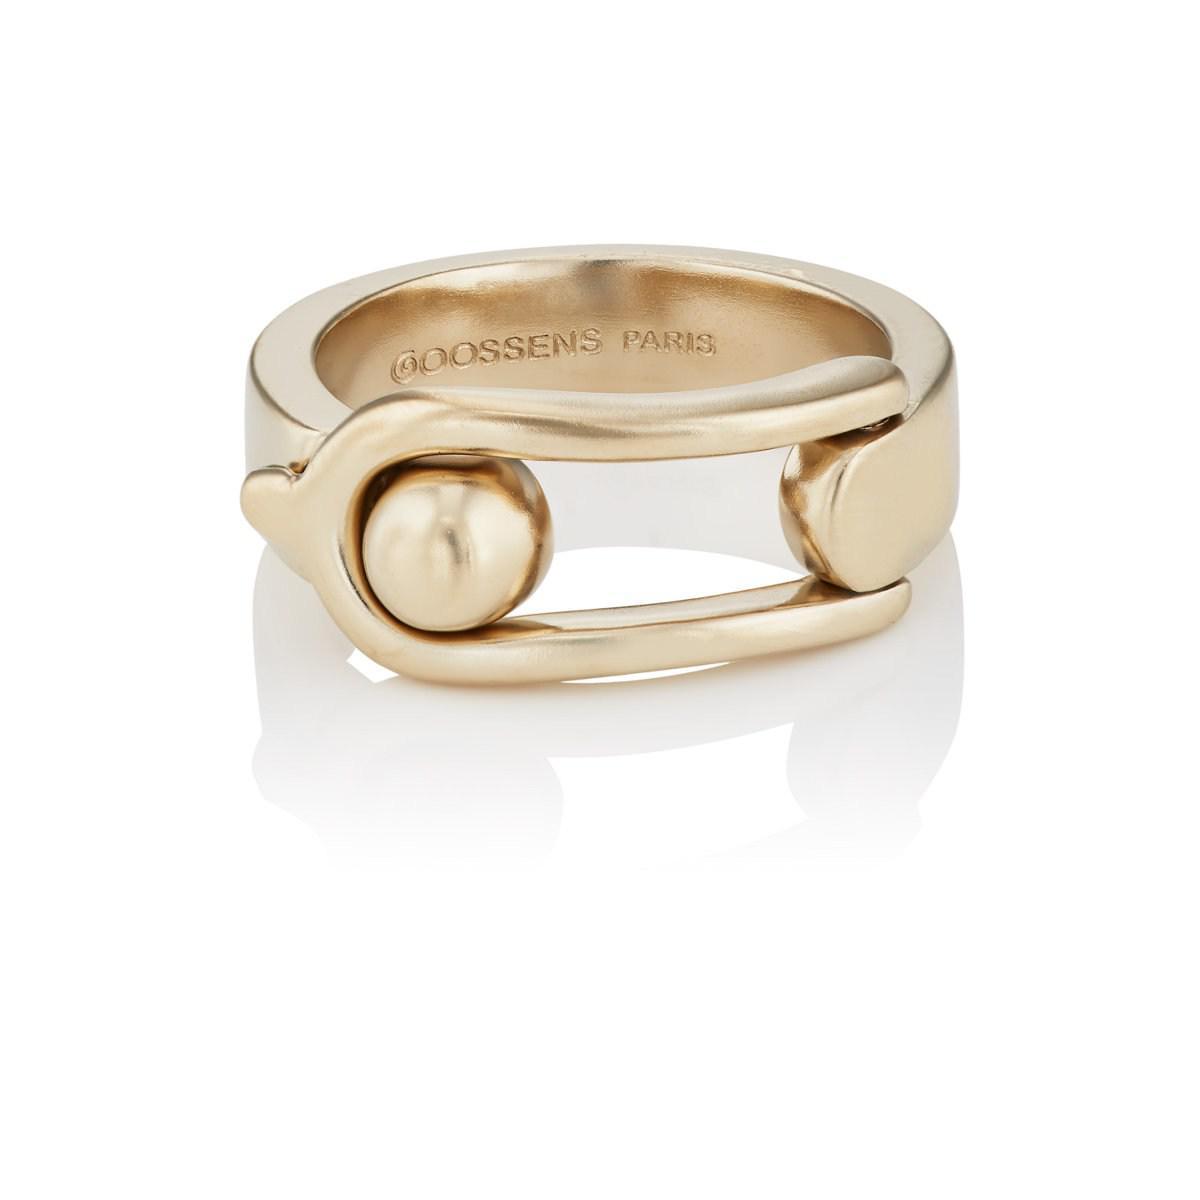 Goossens Paris Womens Boucle Ring QSz8Xms